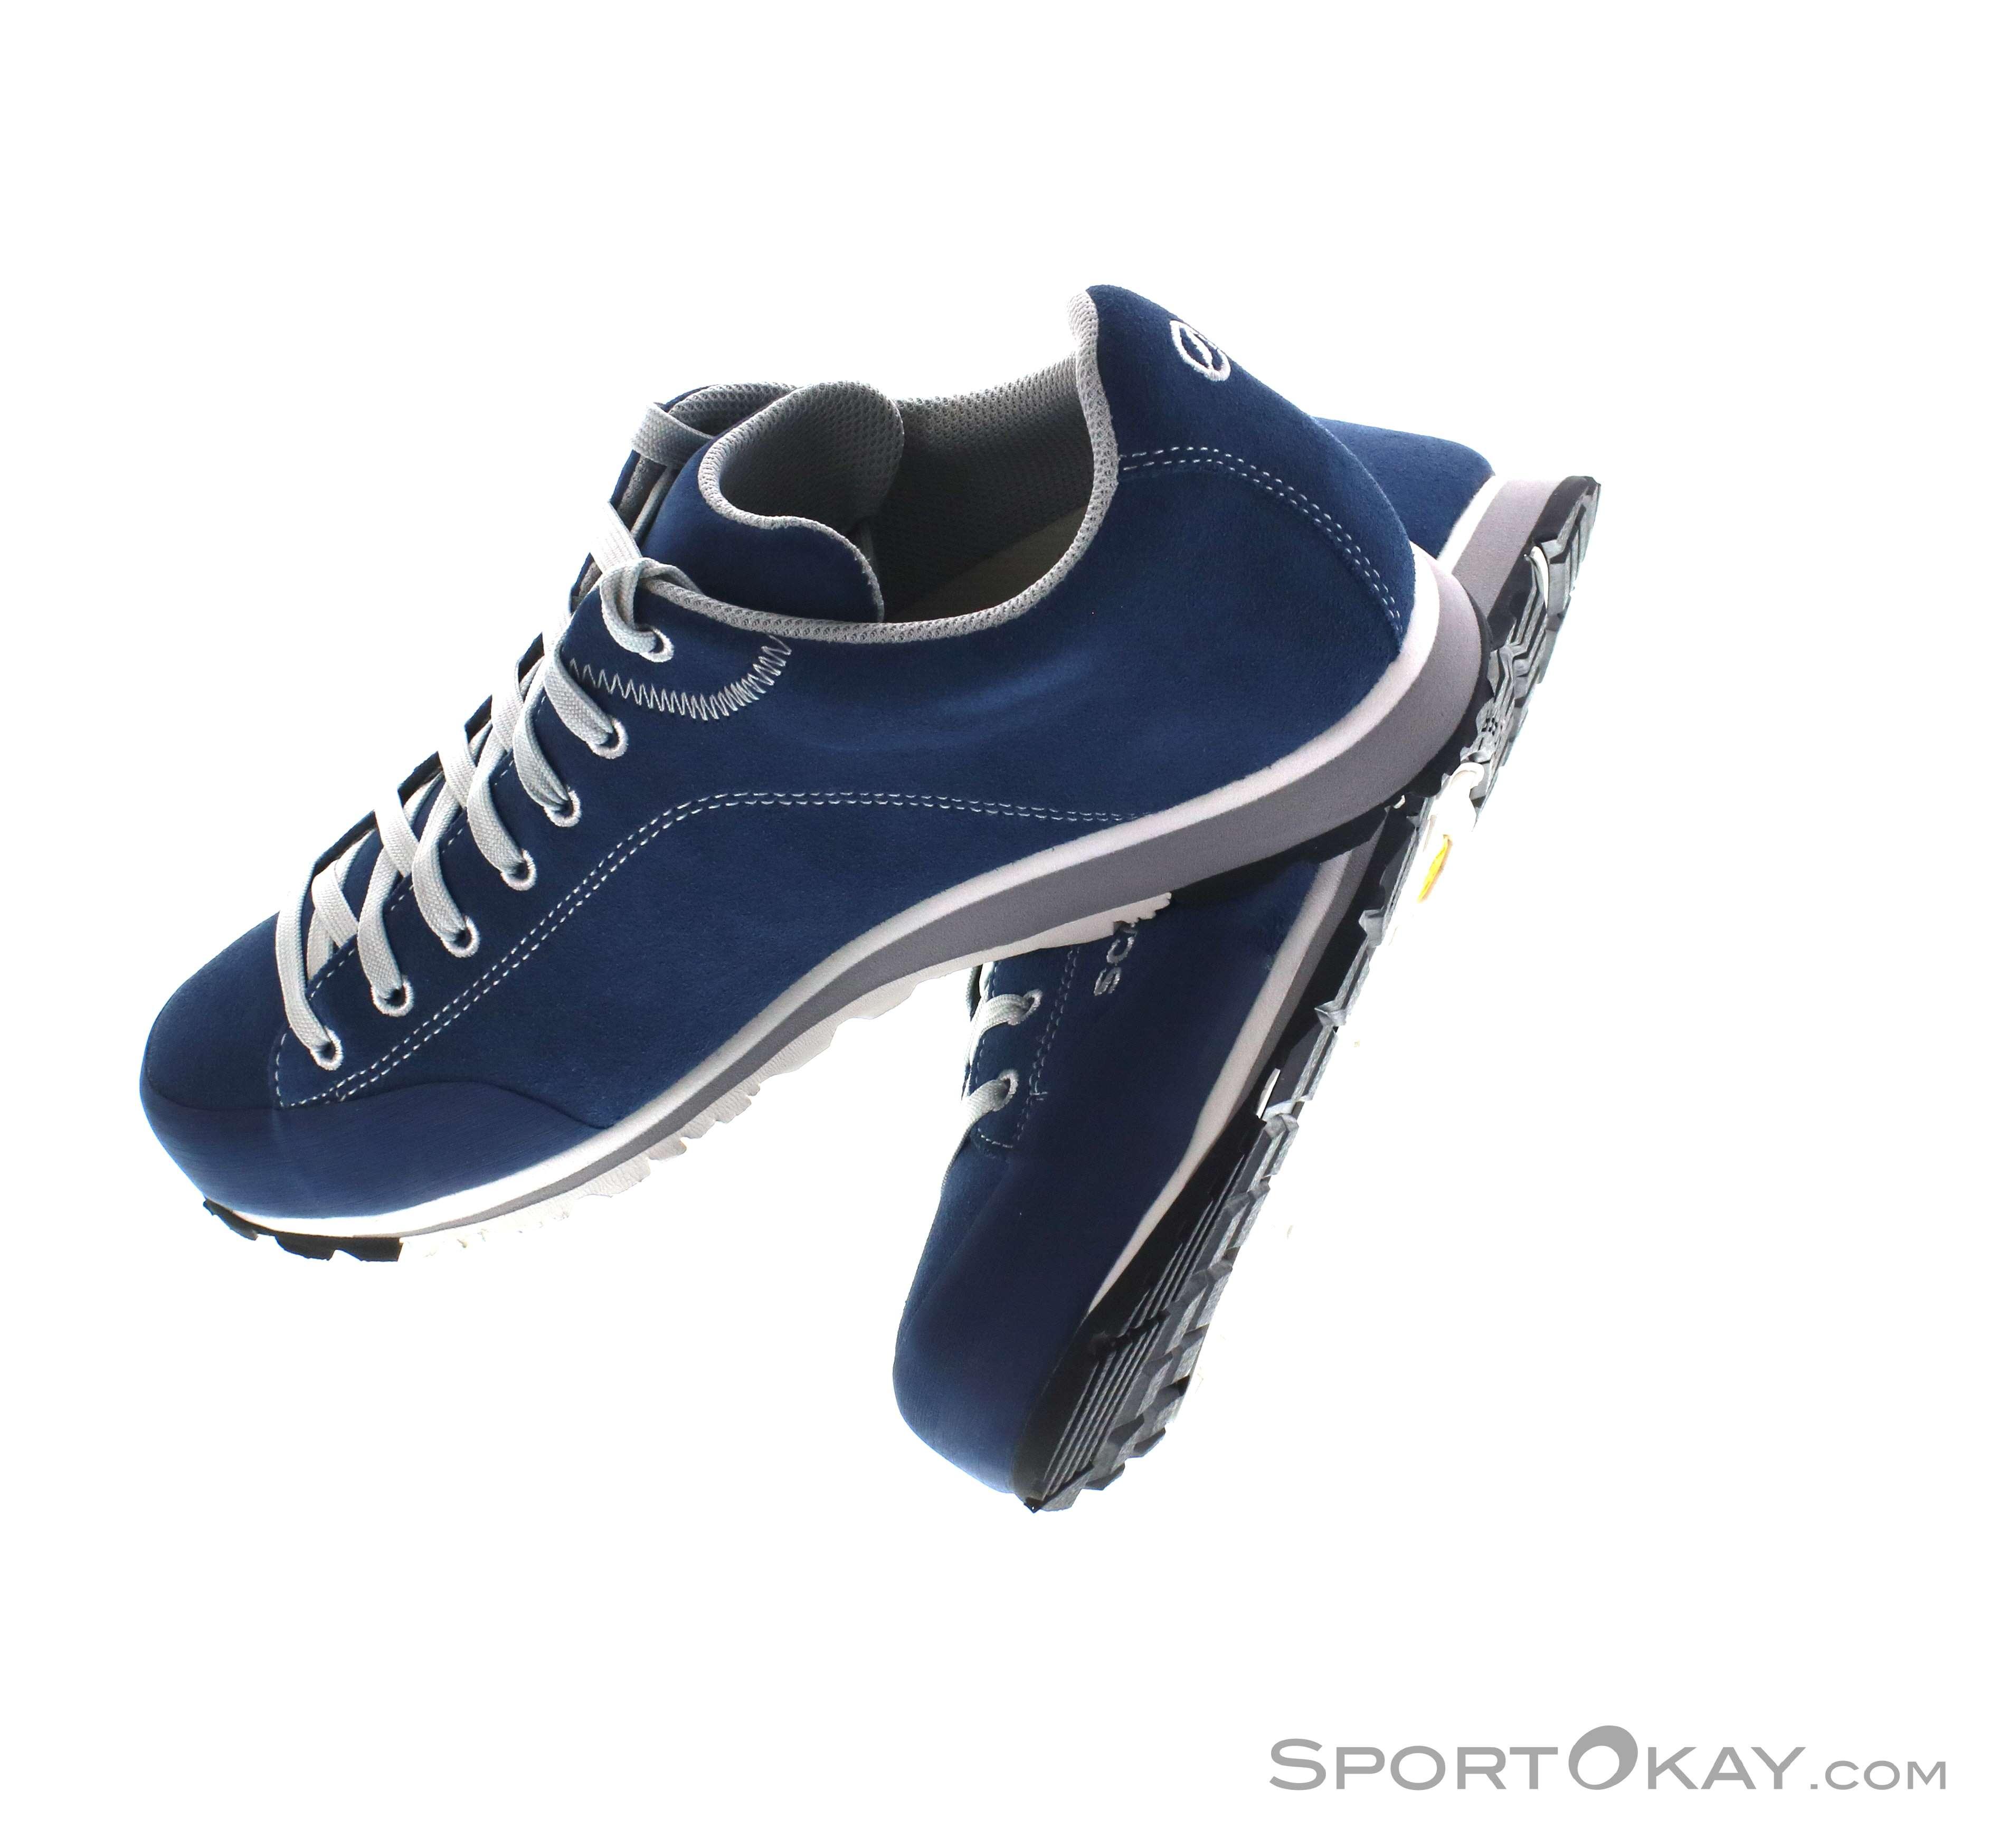 Dolomite 54 Travel Sport scarpe tempo libero | Scarpe multisport